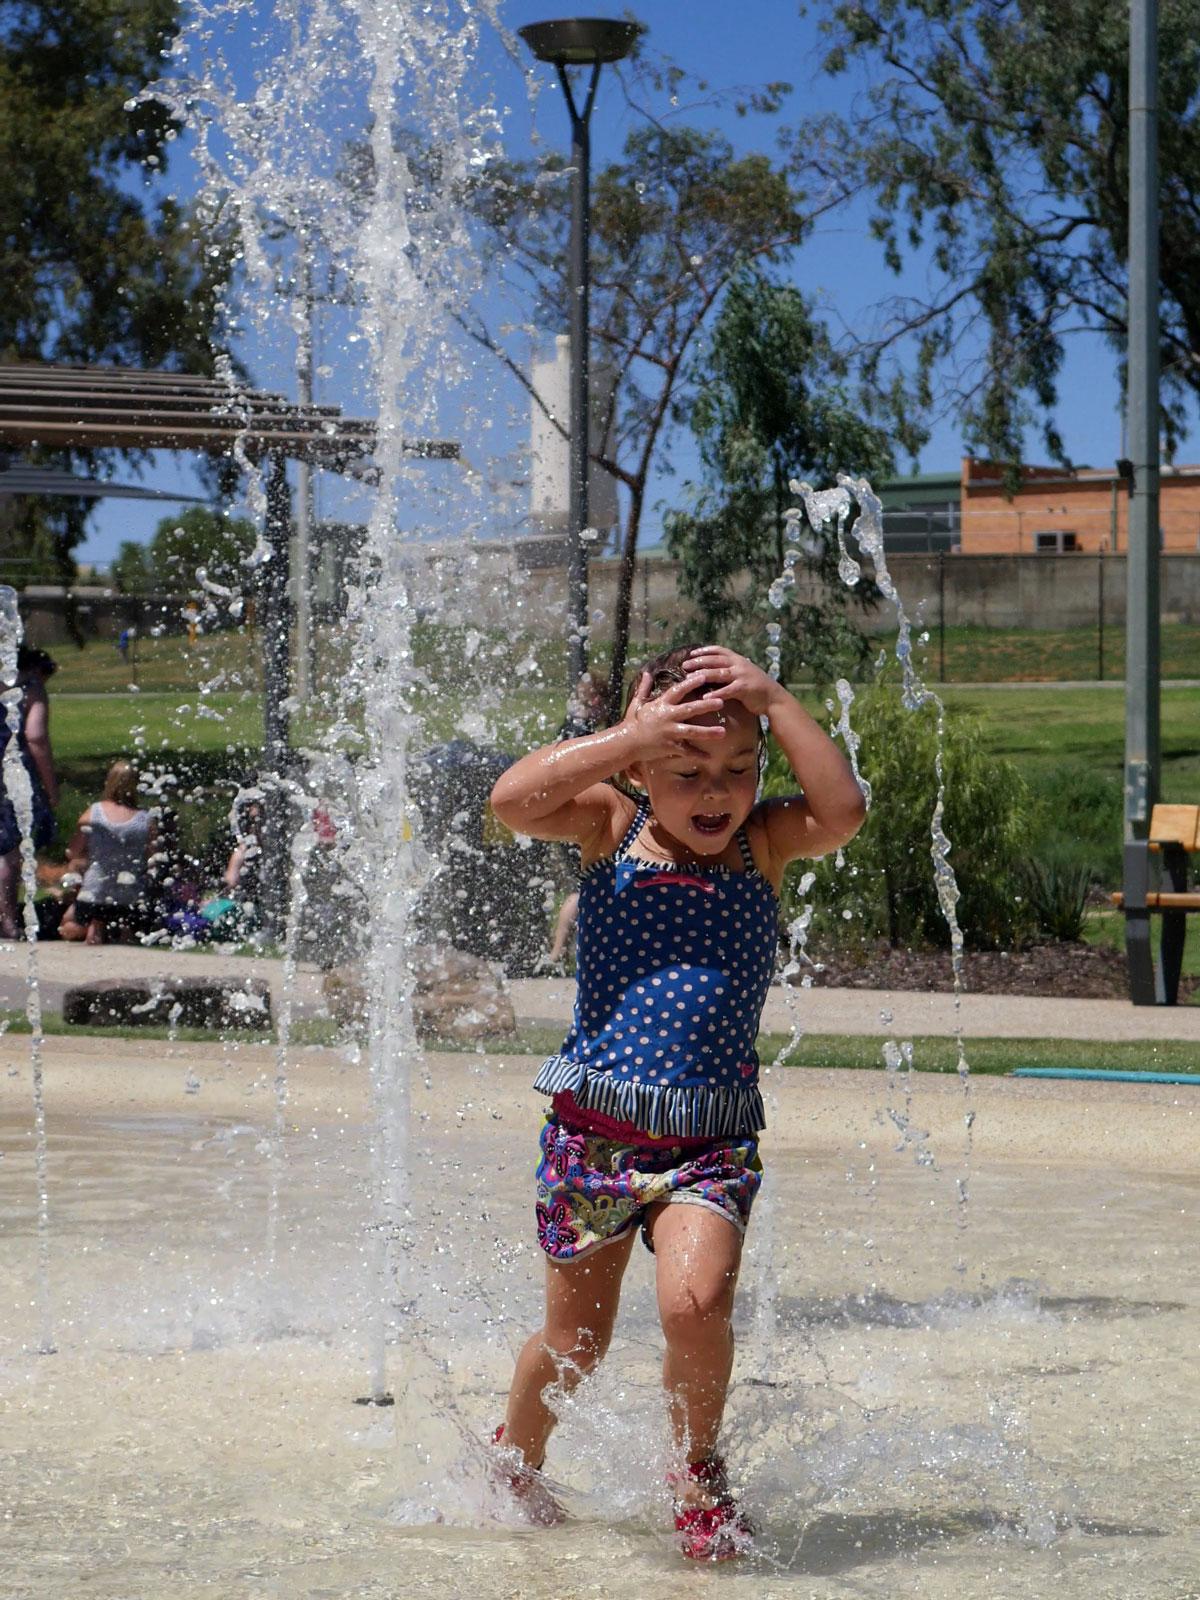 splash-park-3.jpg